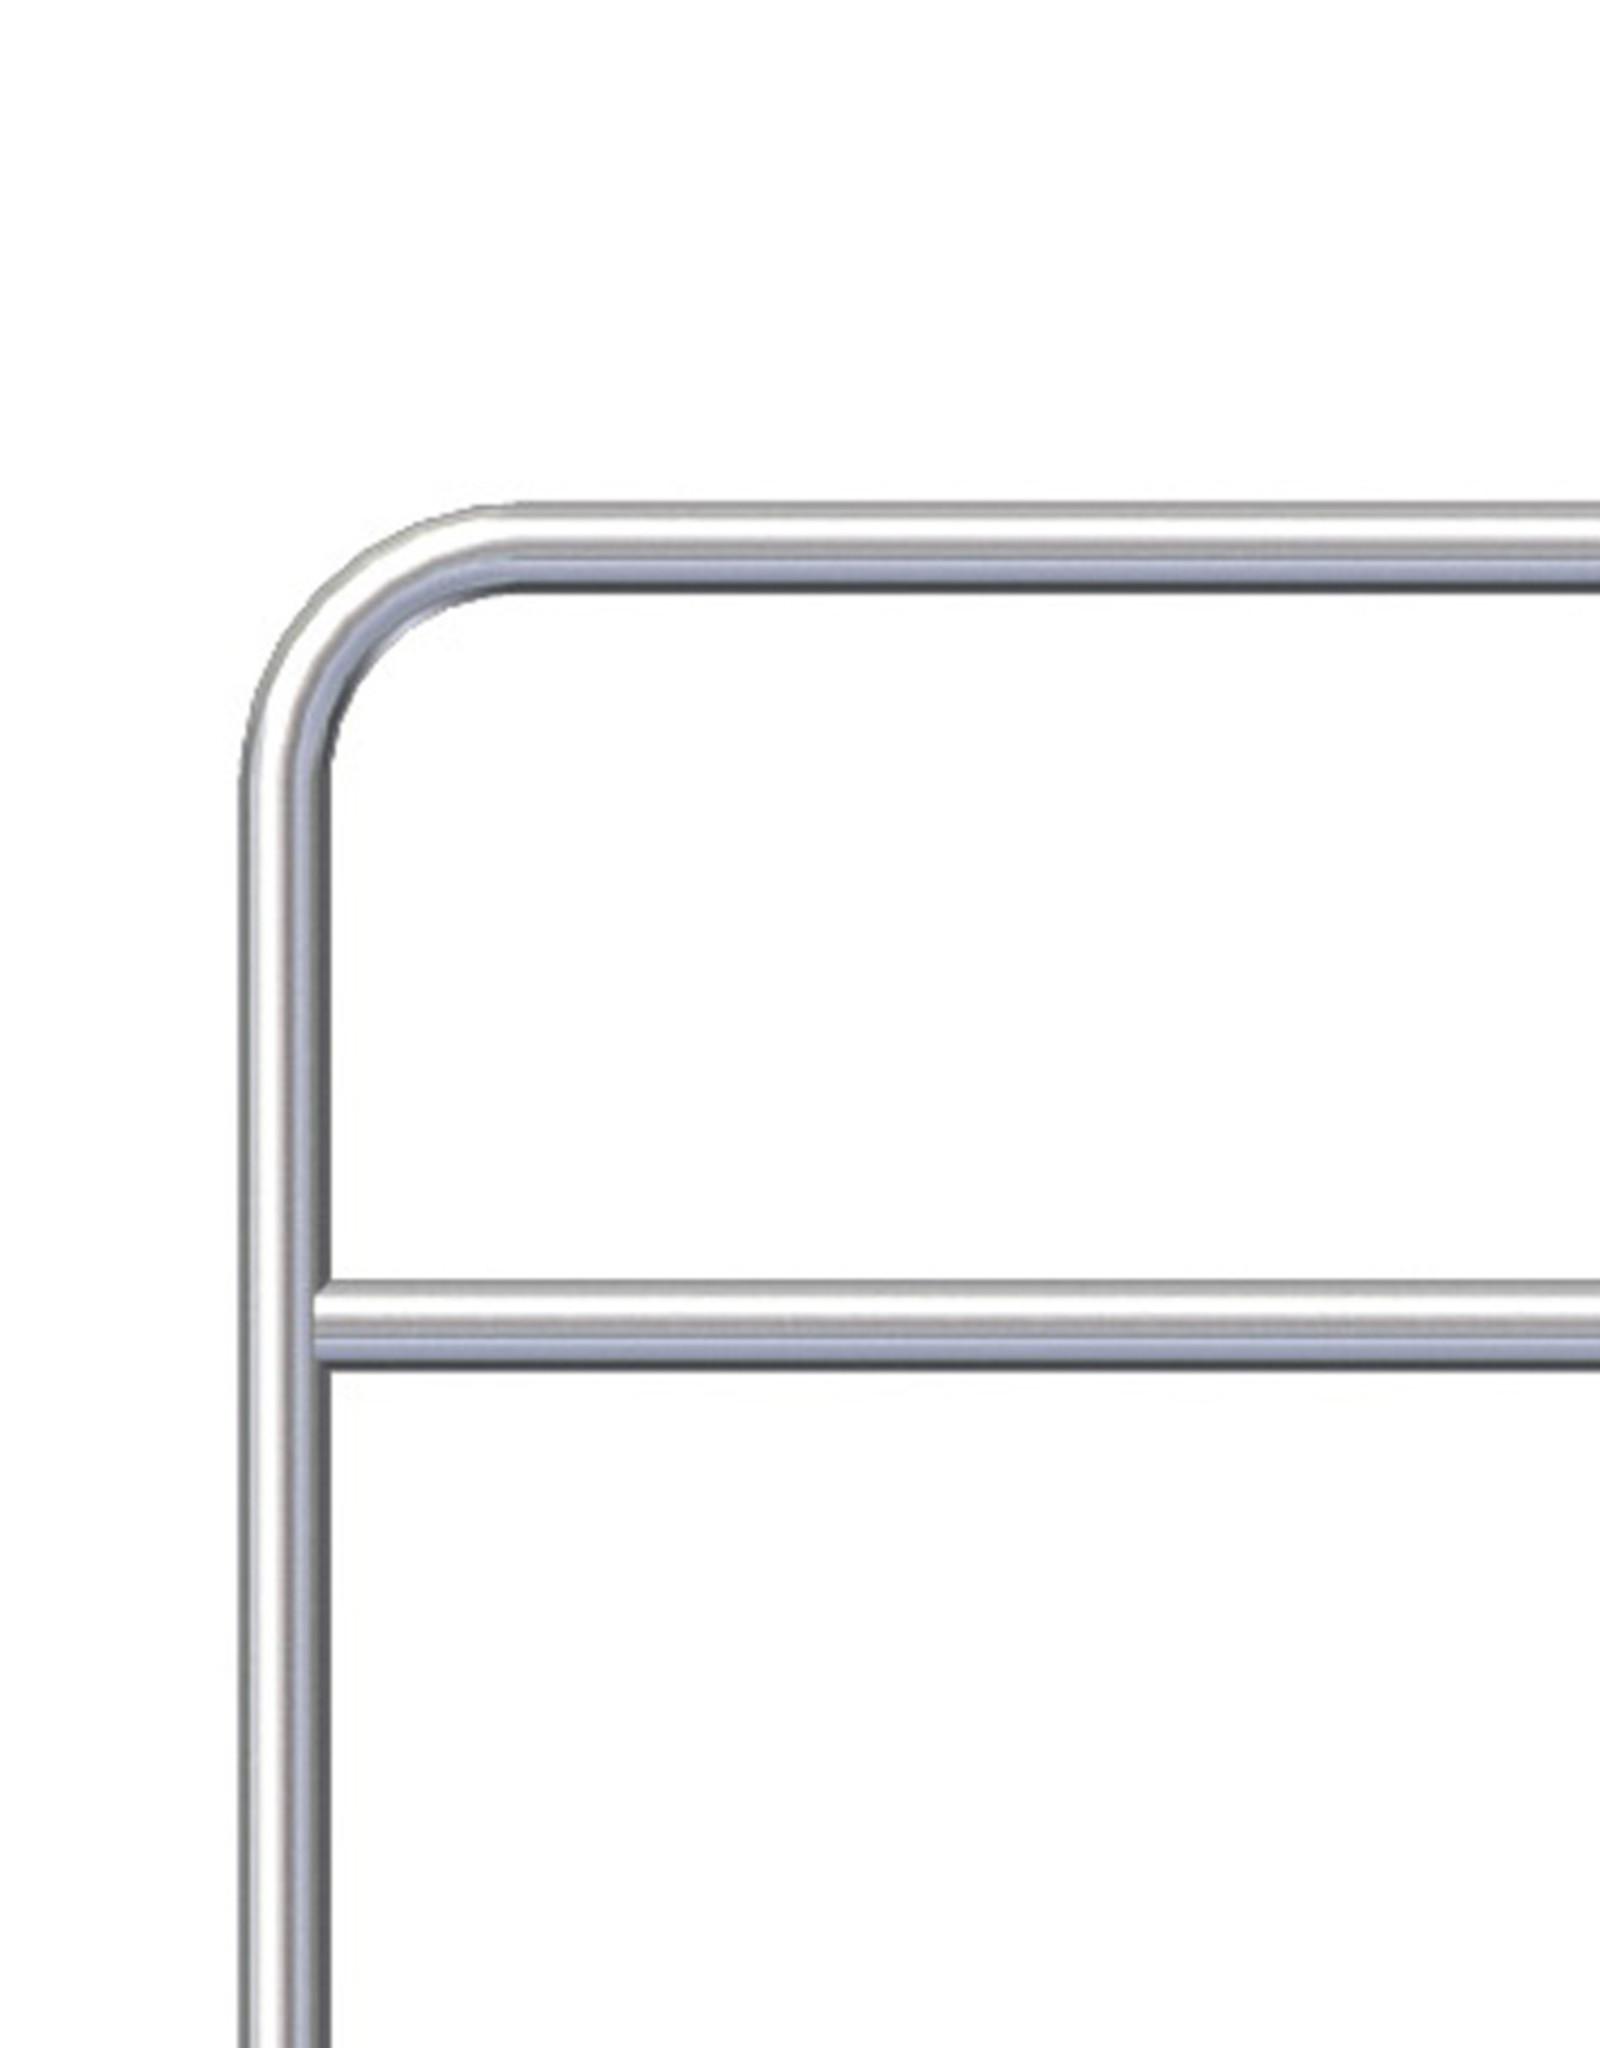 Ri-Traffic | Sluishekken Staal Gegalvaniseerd 50 cm x 140 cm